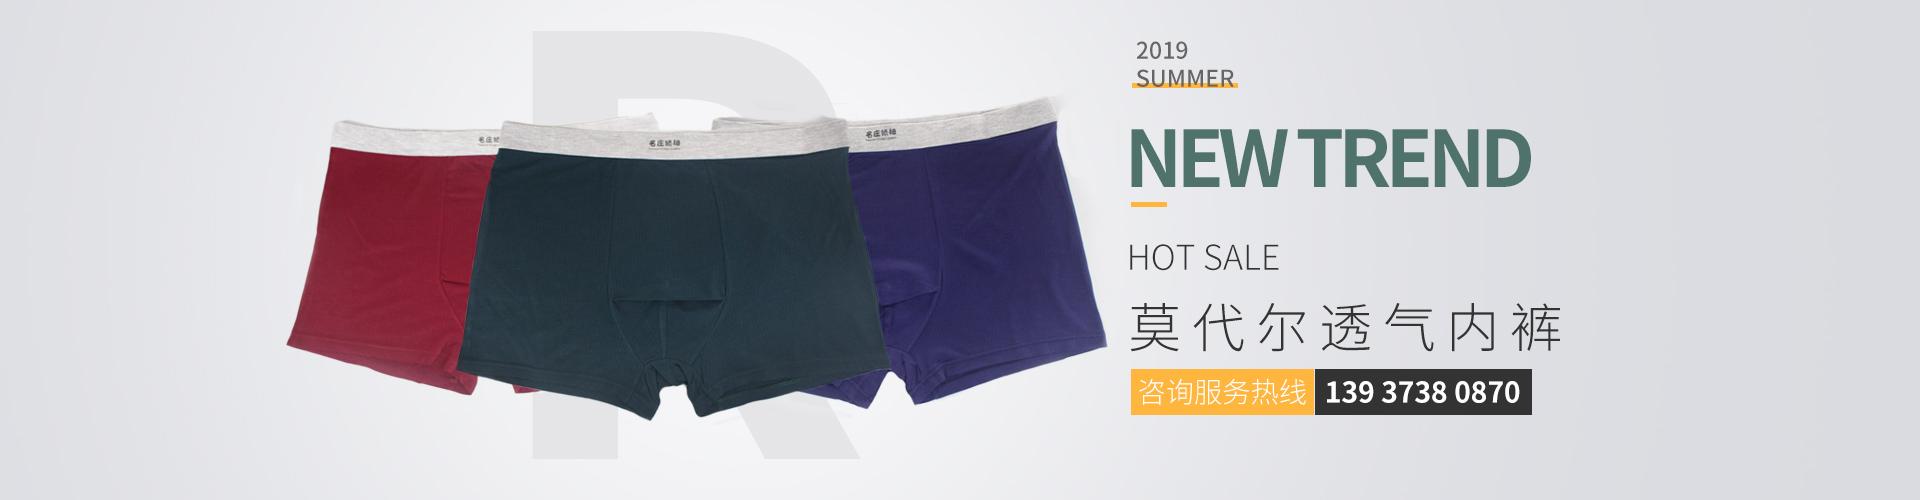 raybet官方网站下载-雷竞技电竞-雷竞技最新网址